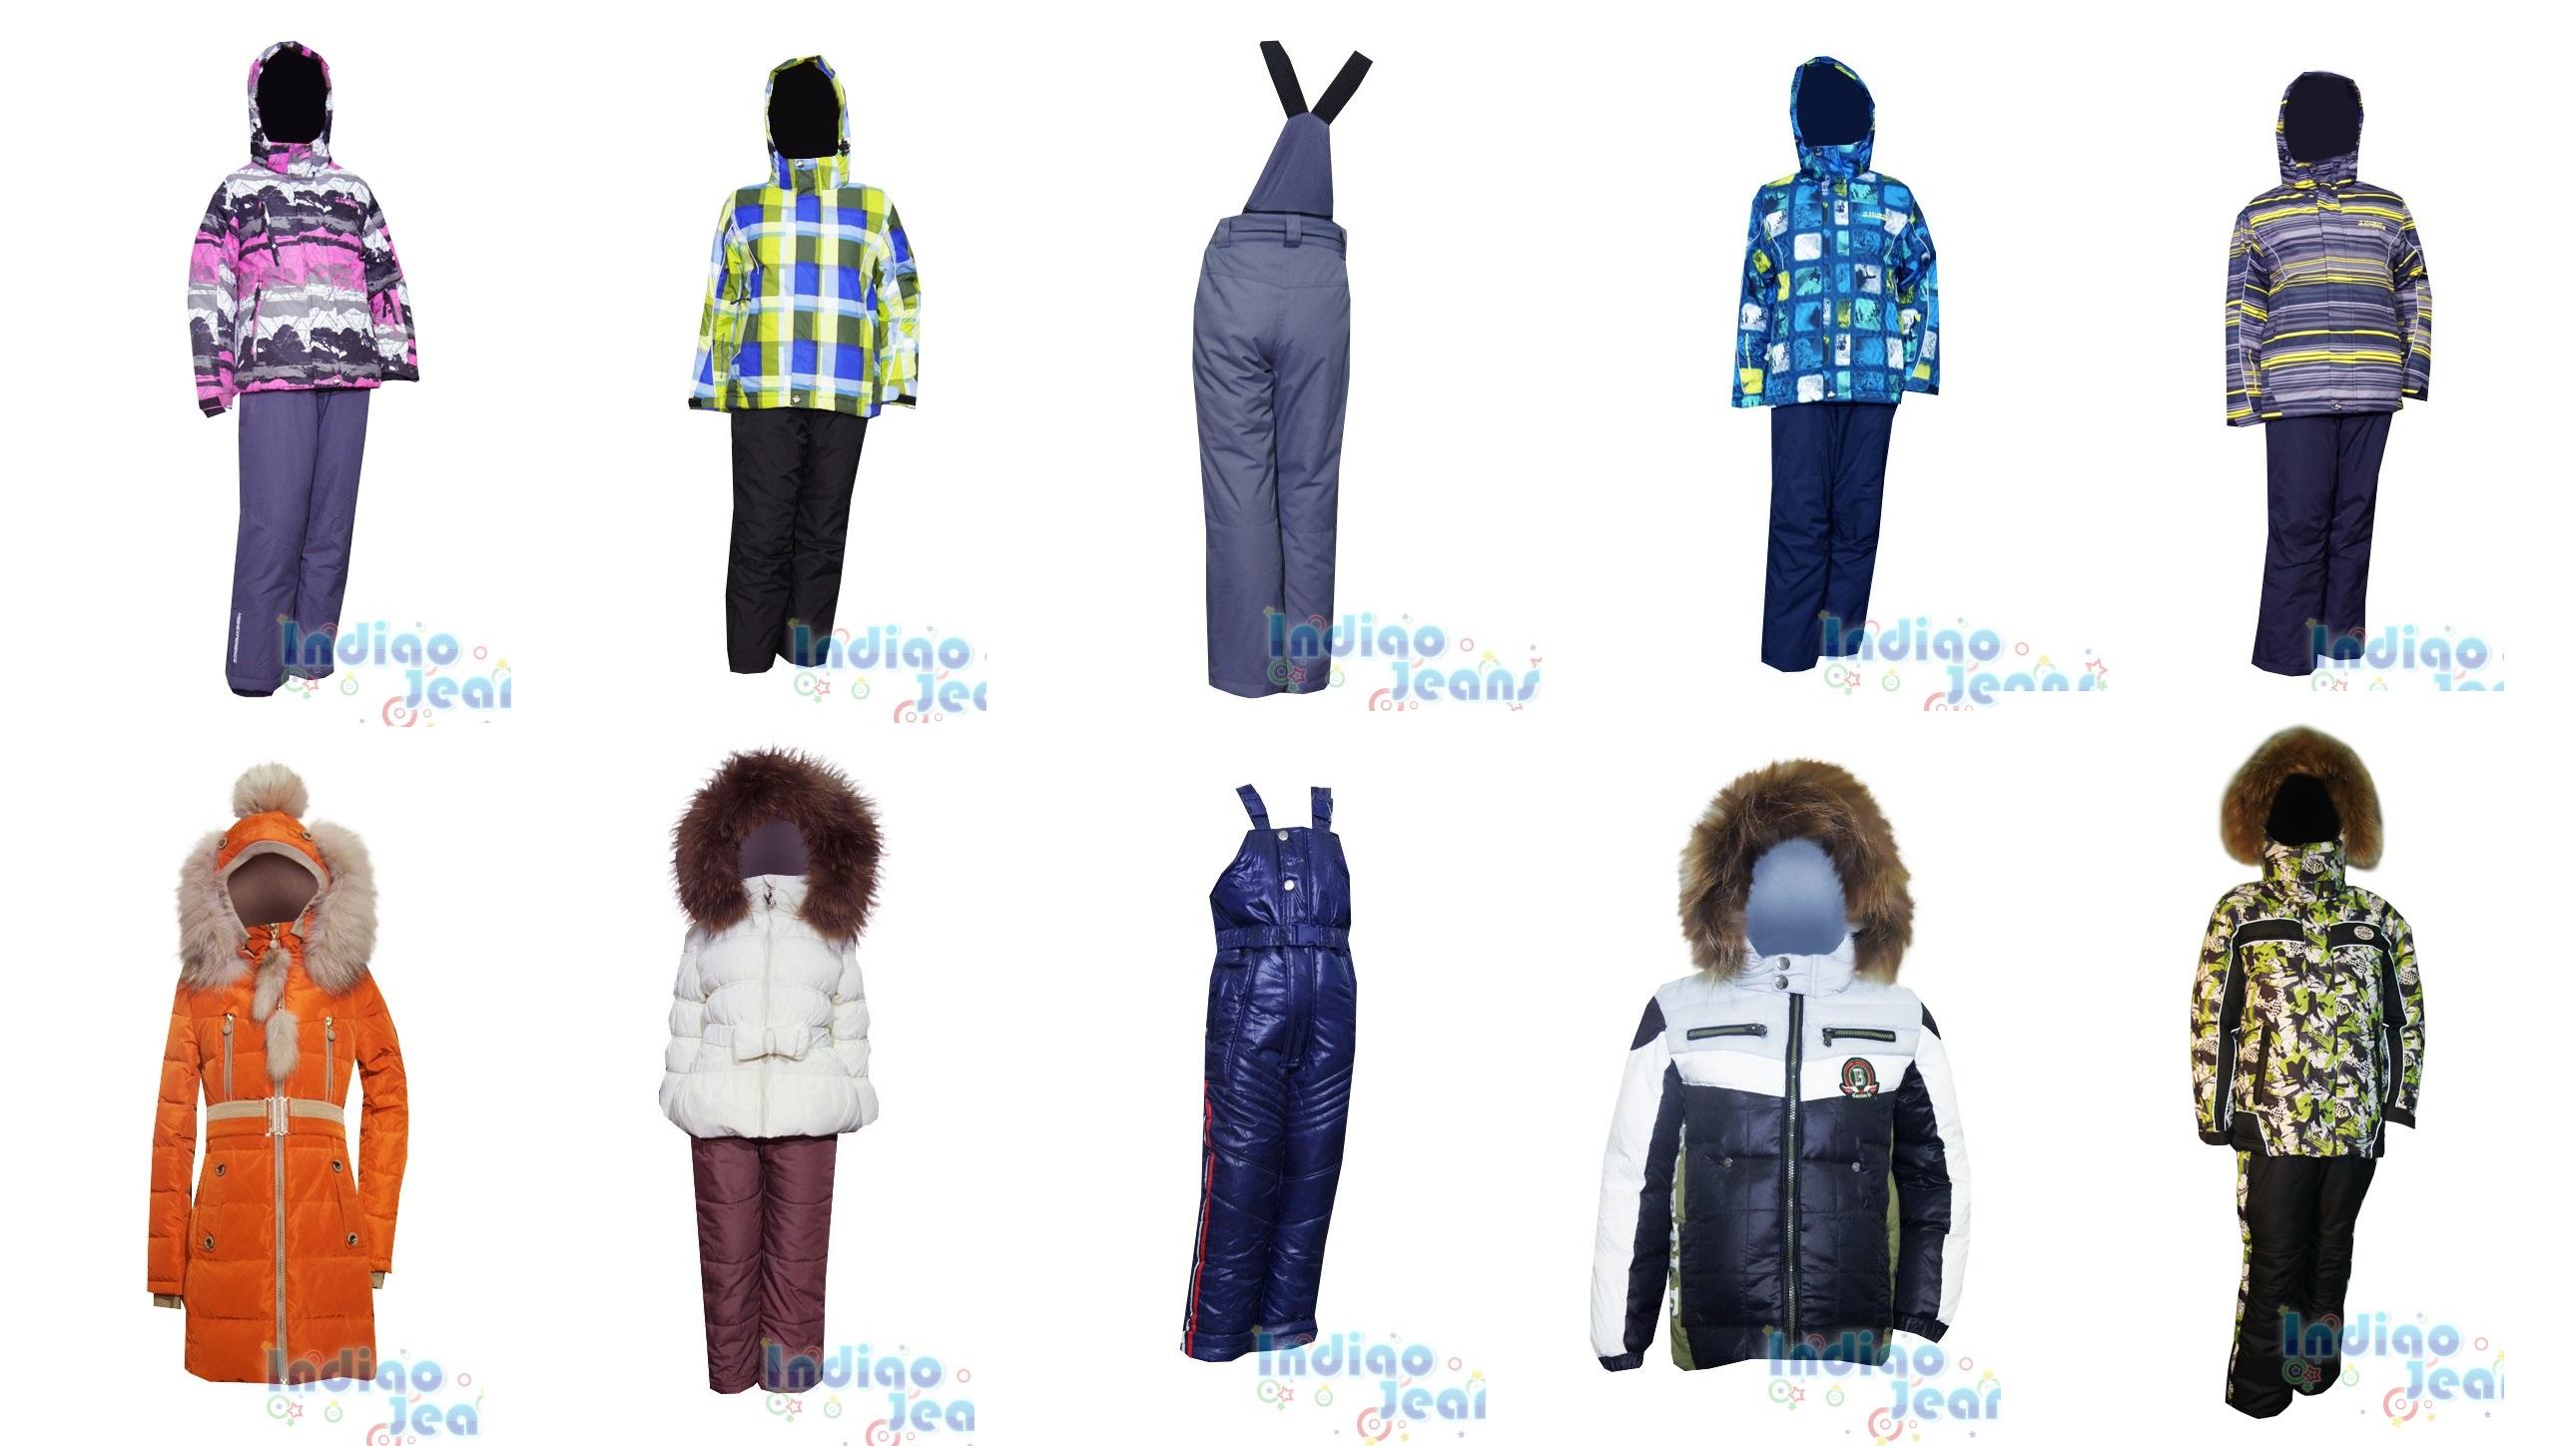 Верхняя одежда по привлекательным ценам - 2. Горнолыжные костюмы за 2800 руб. От 60 до 170 р-ра. Без рядов!